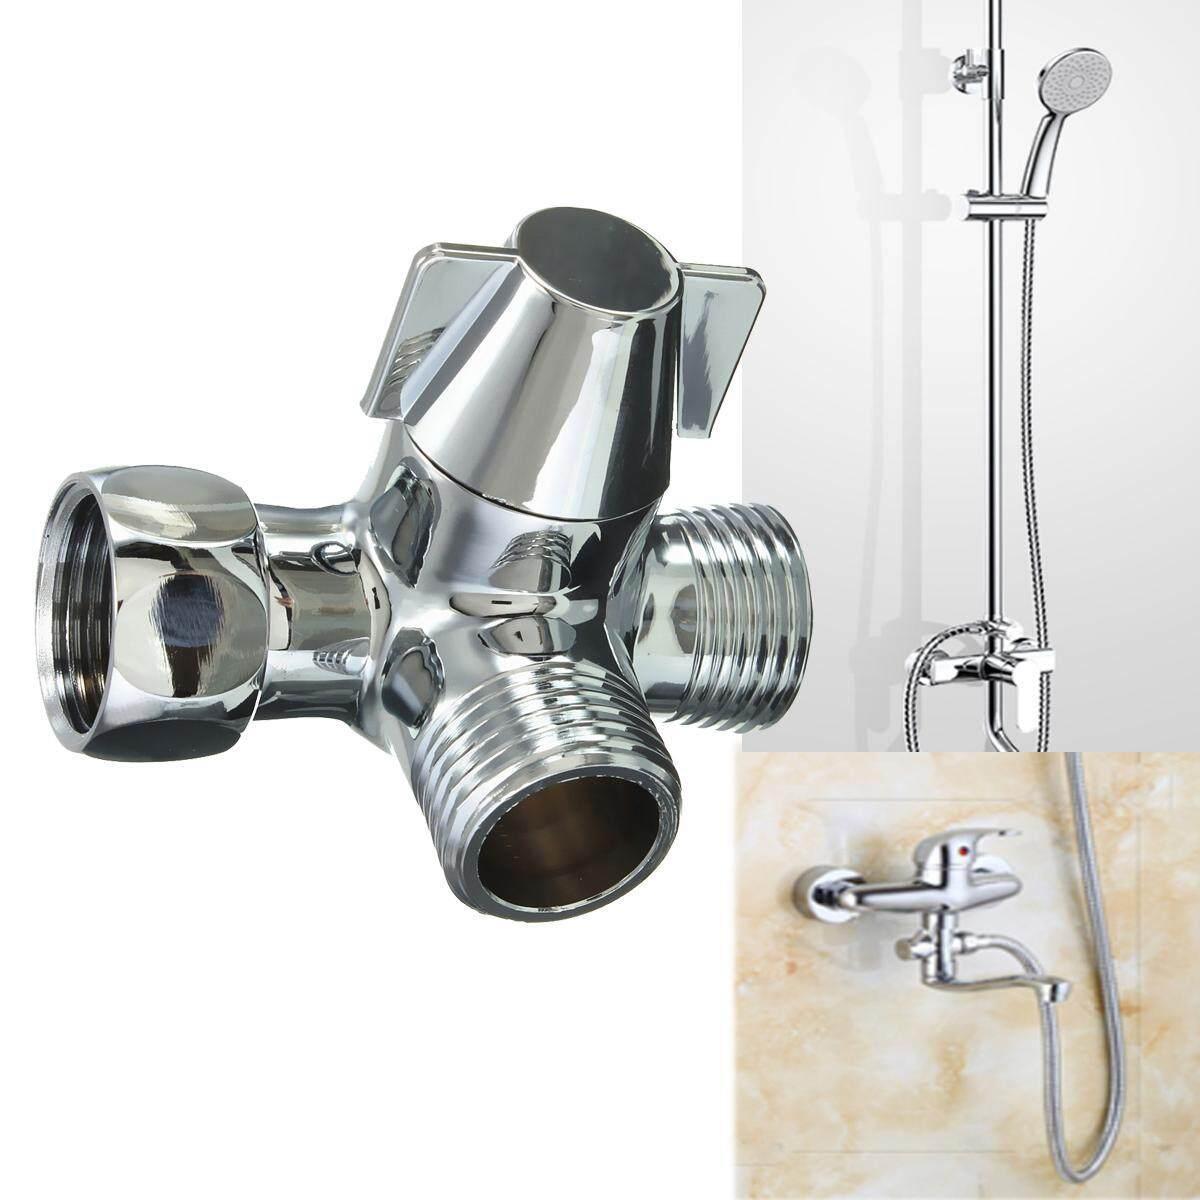 G1 2 Brass Chrome 3 Way T Adapter Shower Head Diverter Valve Shower Head Combo